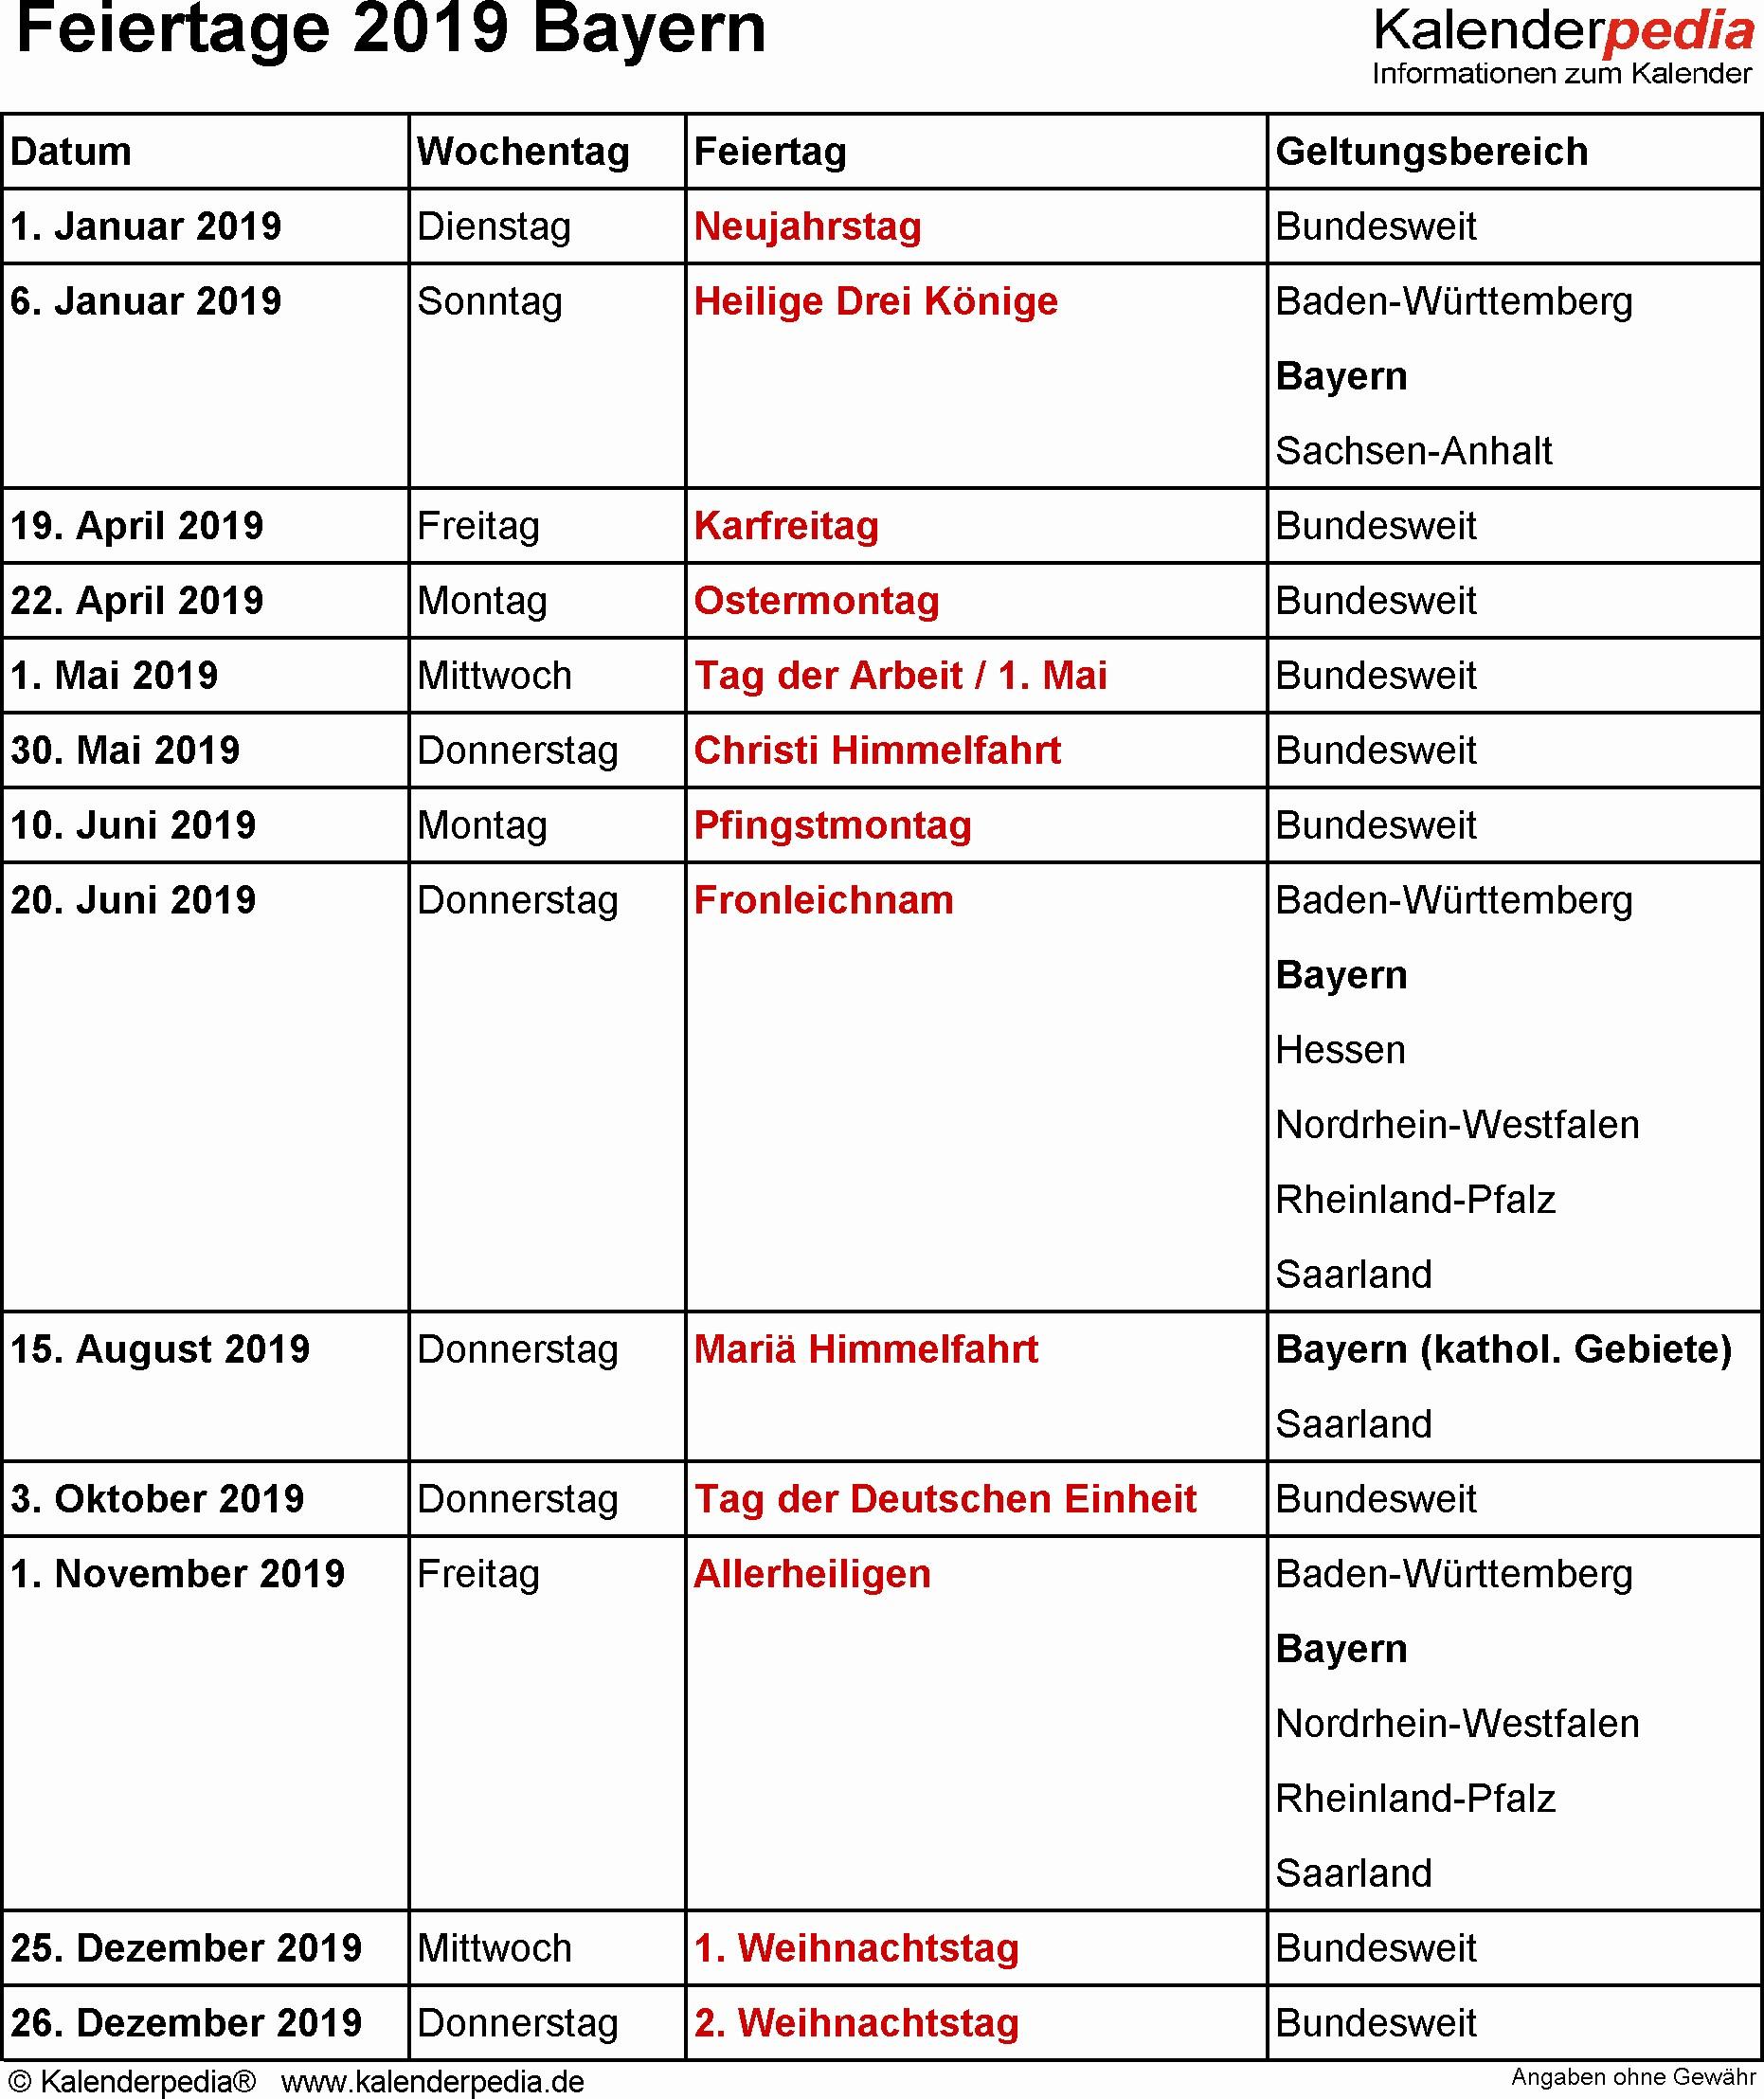 Bayern Kalender 2019 2020 Feiertage Feiertage Bayern 2018 2019 2020 Mit Druckvorlagen